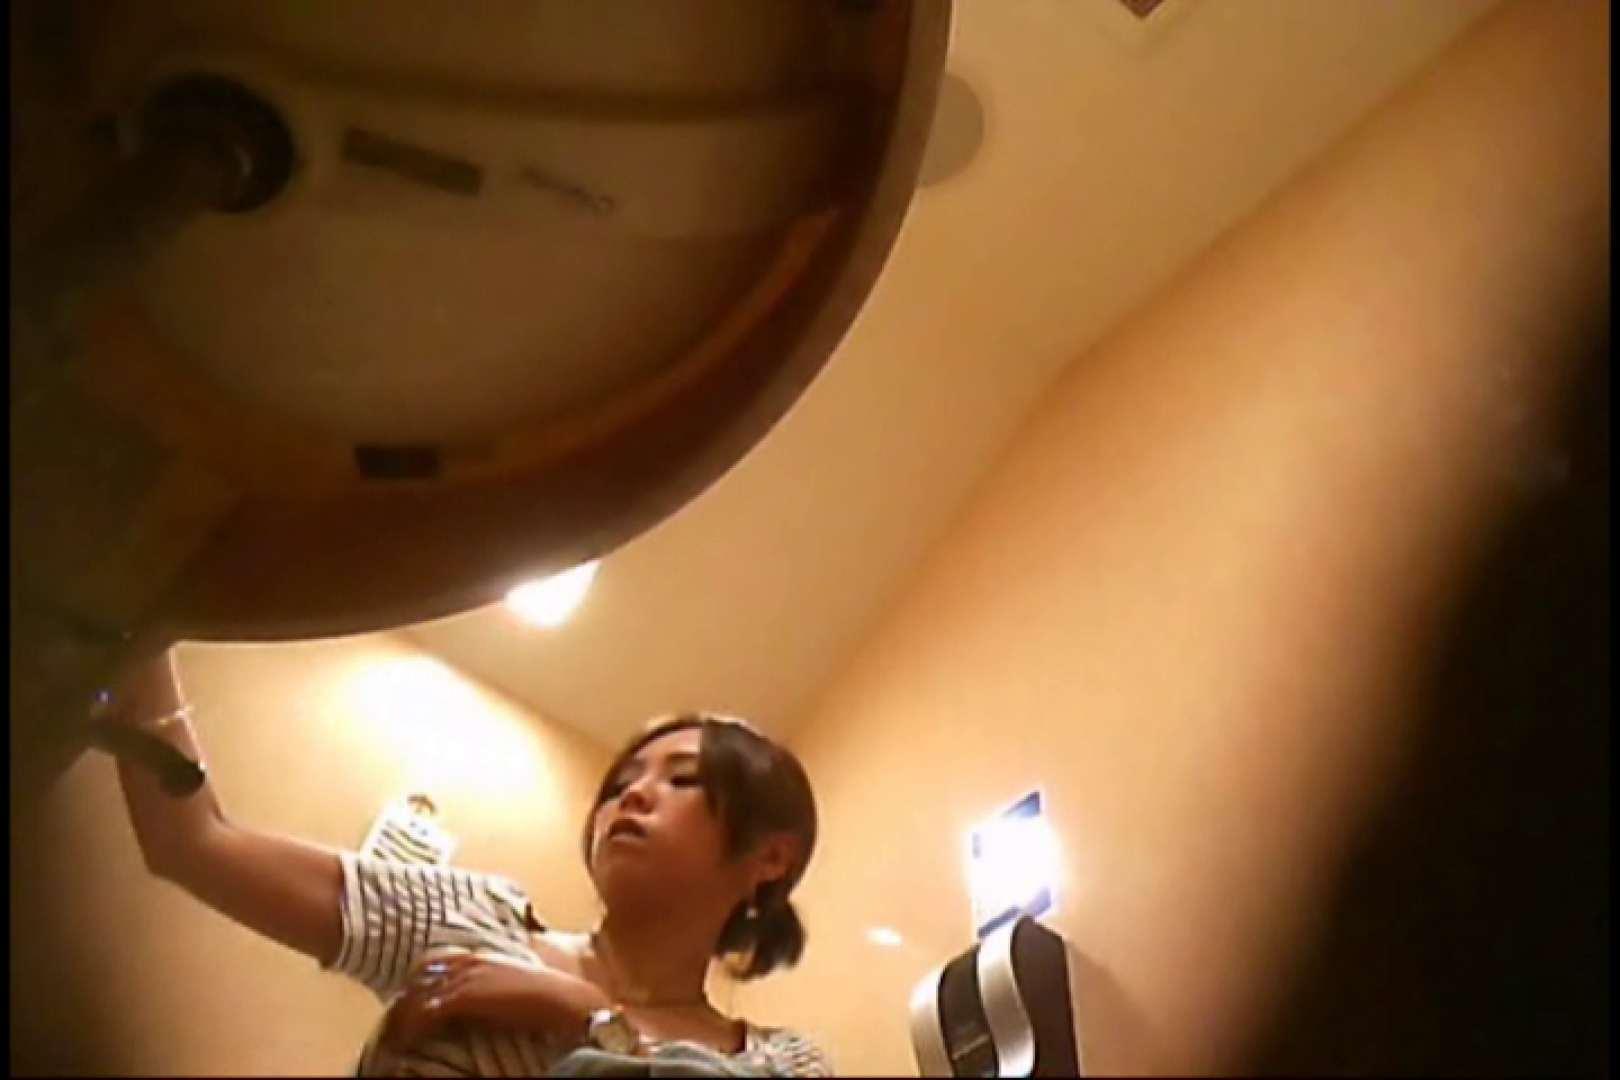 潜入!!女子化粧室盗撮~絶対見られたくない時間~vo,46 お尻 おまんこ動画流出 105pic 48